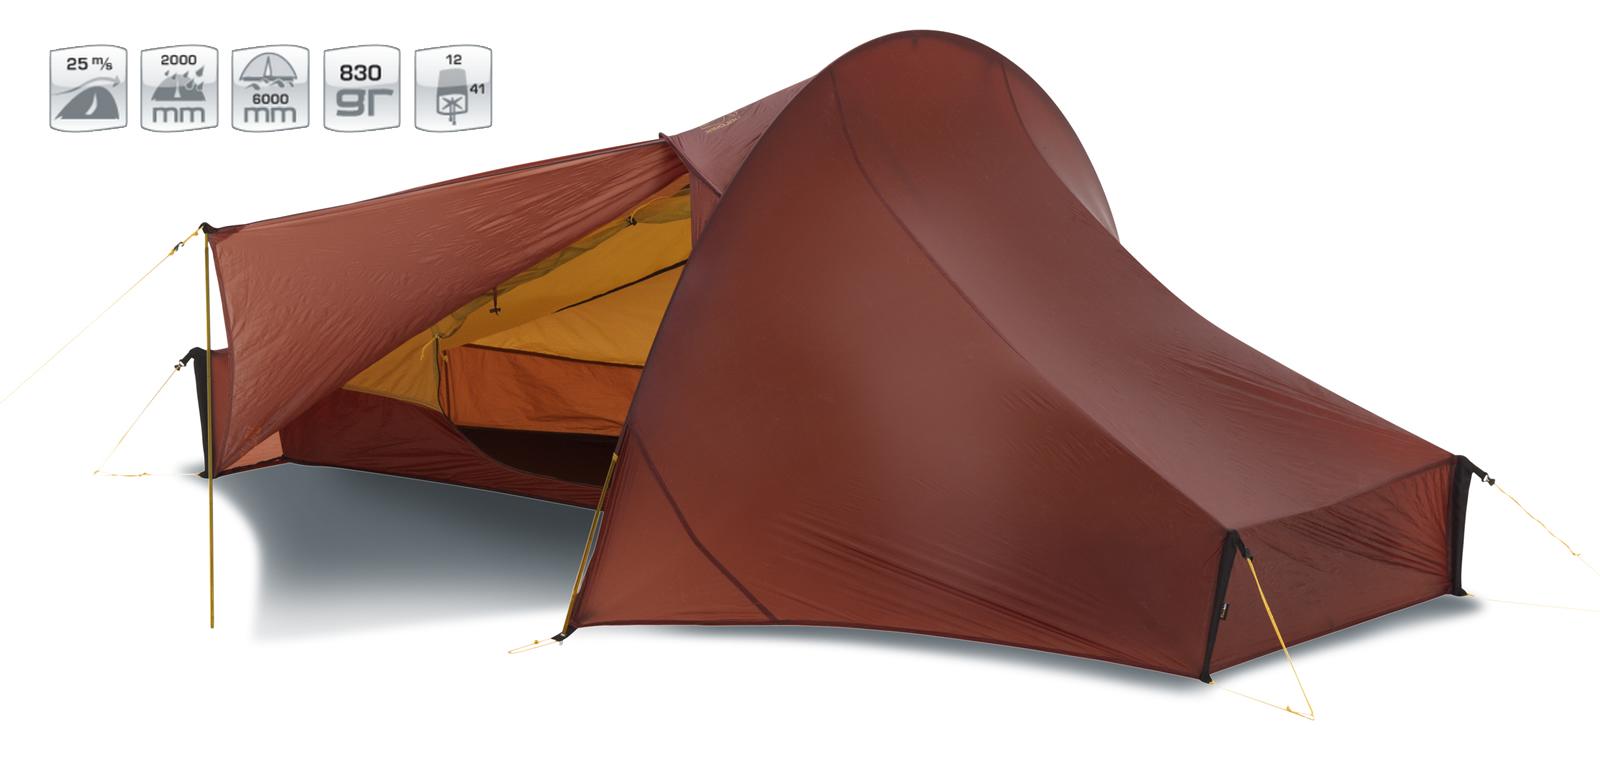 【国内正規品】NORDISK テント Telemark 1 LW (テレマーク1 LW)レッド [151012]【送料無料/代引き無料】(ノルディスク 1人用 テント ティーレマルク アウトドア用品 キャンプ用品 キャンプテント アウトドア特集 おしゃ【SUMMER_D